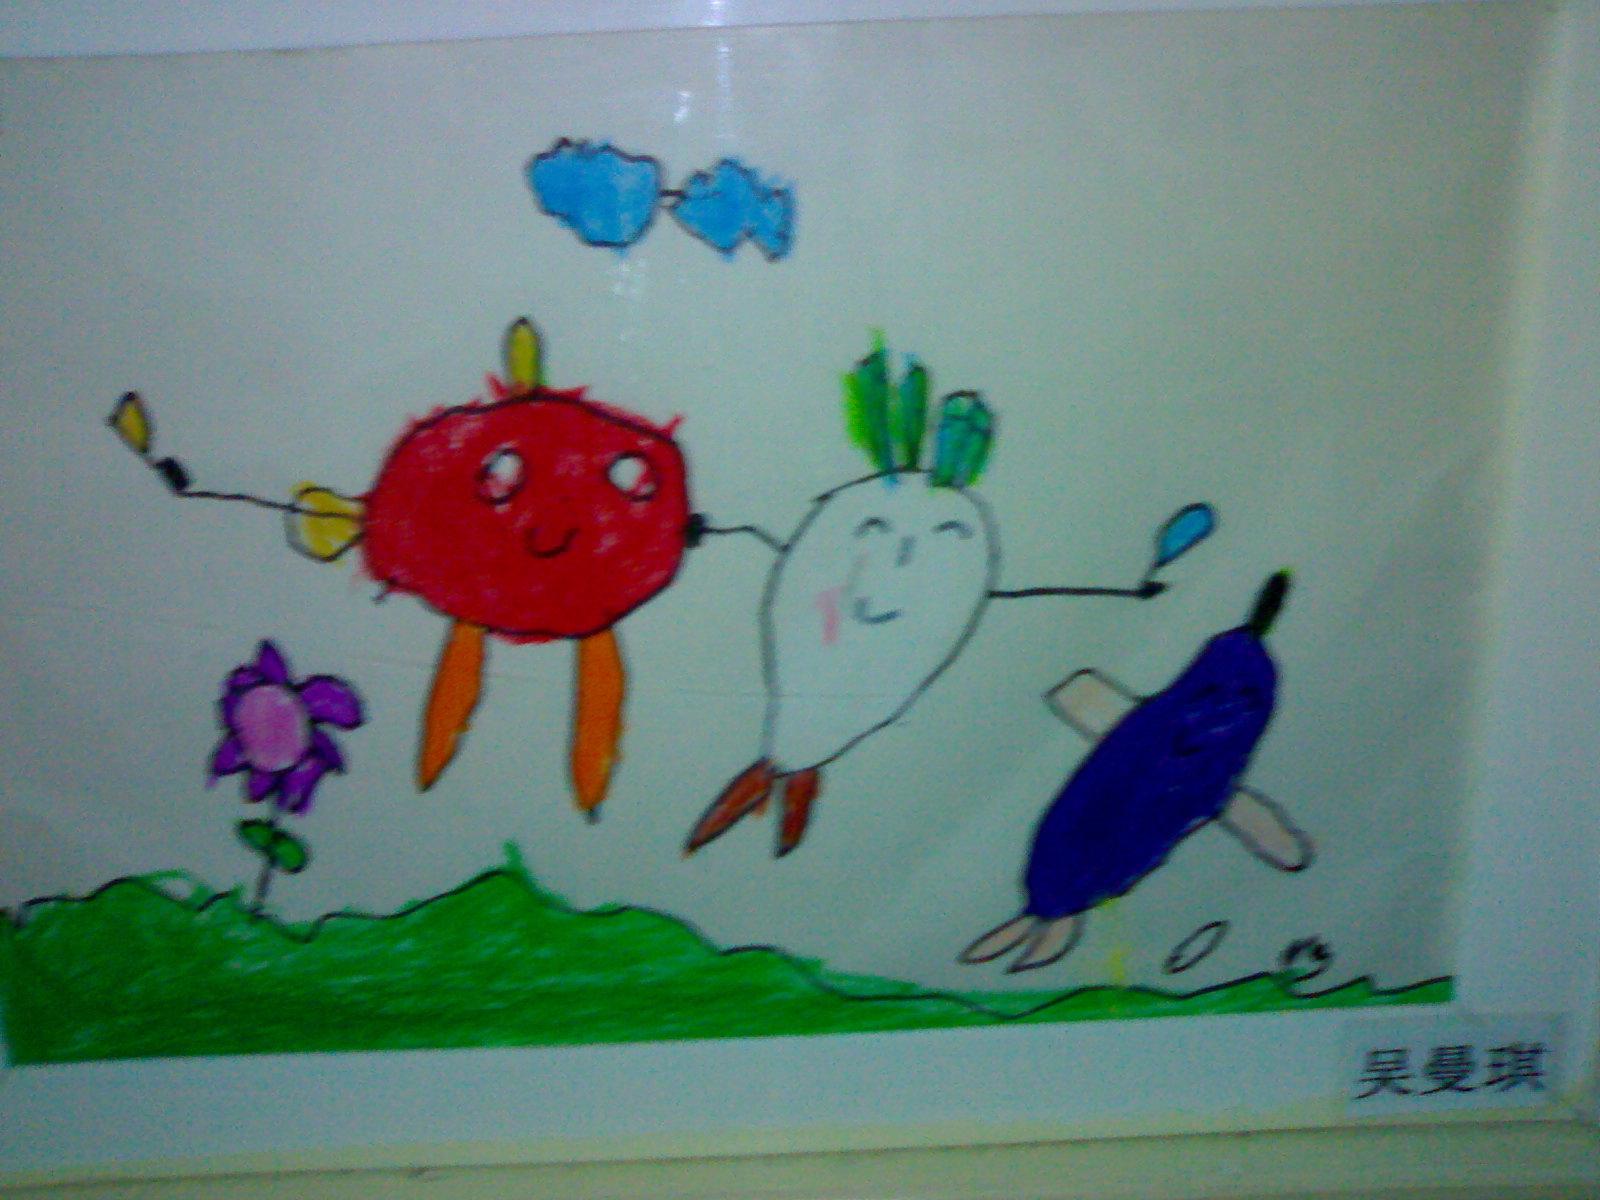 红萝卜,白萝卜,紫茄子在一起真热闹,颜色特征很明显.图片